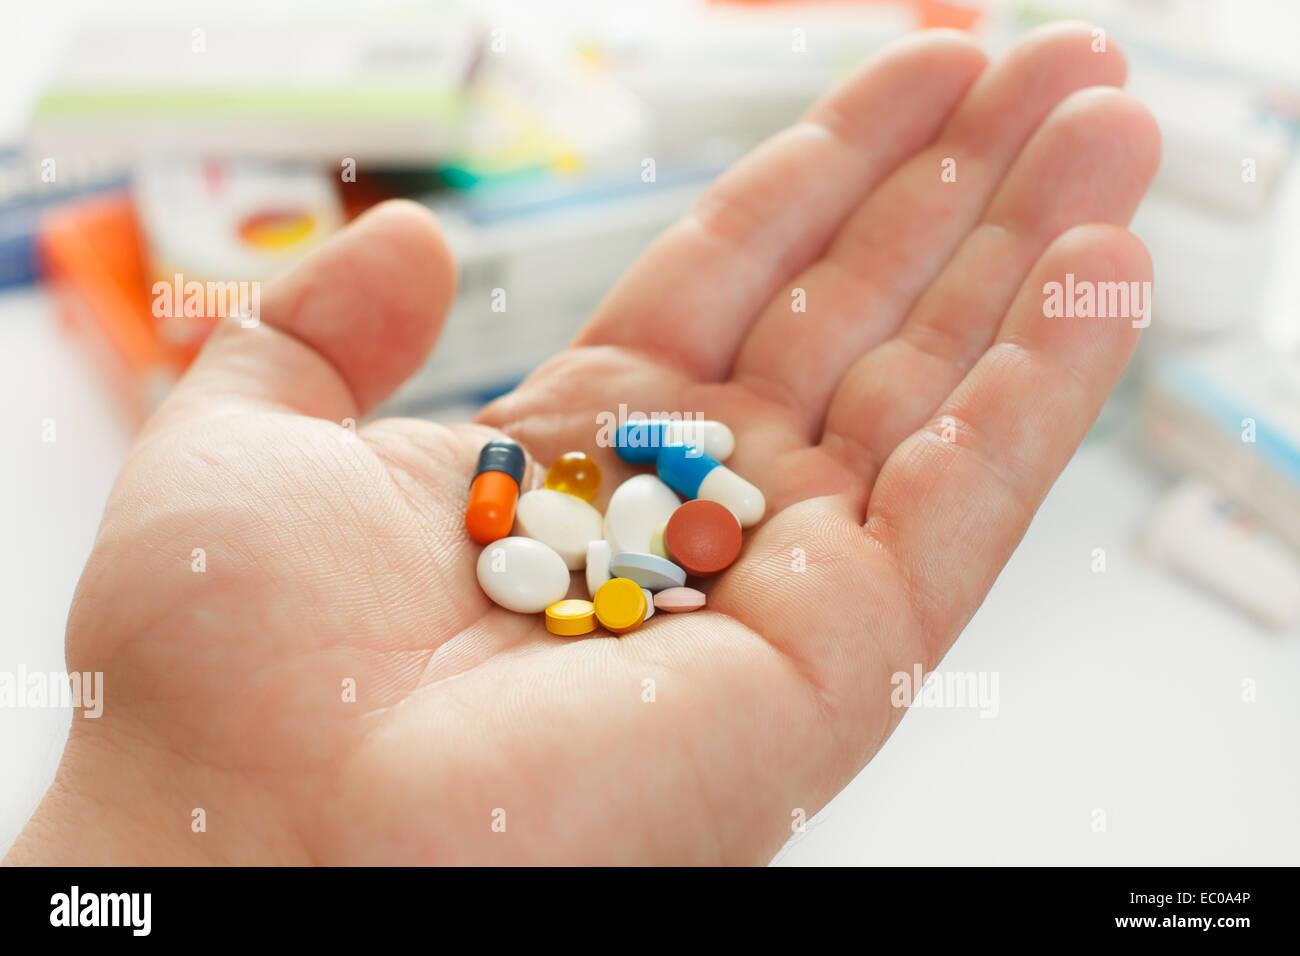 La mano del hombre celebrar muchas medicinas, cajas de medicamentos en el fondo Imagen De Stock